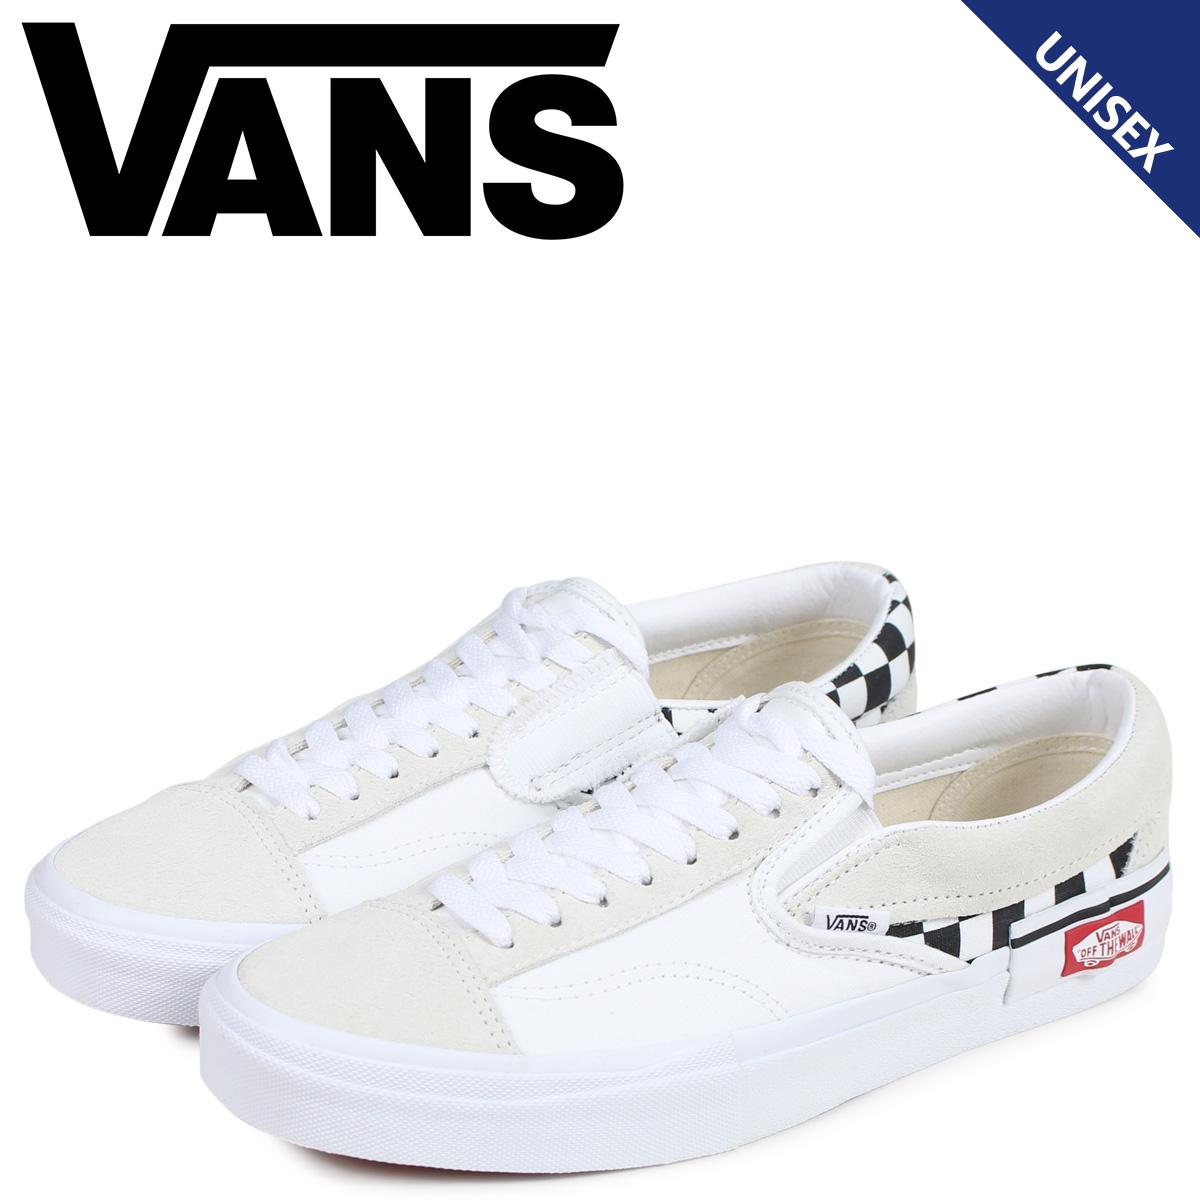 バンズ VANS スリッポン スニーカー メンズ ヴァンズ SLIP-ON CAP ホワイト 白 VN0A3WM527I